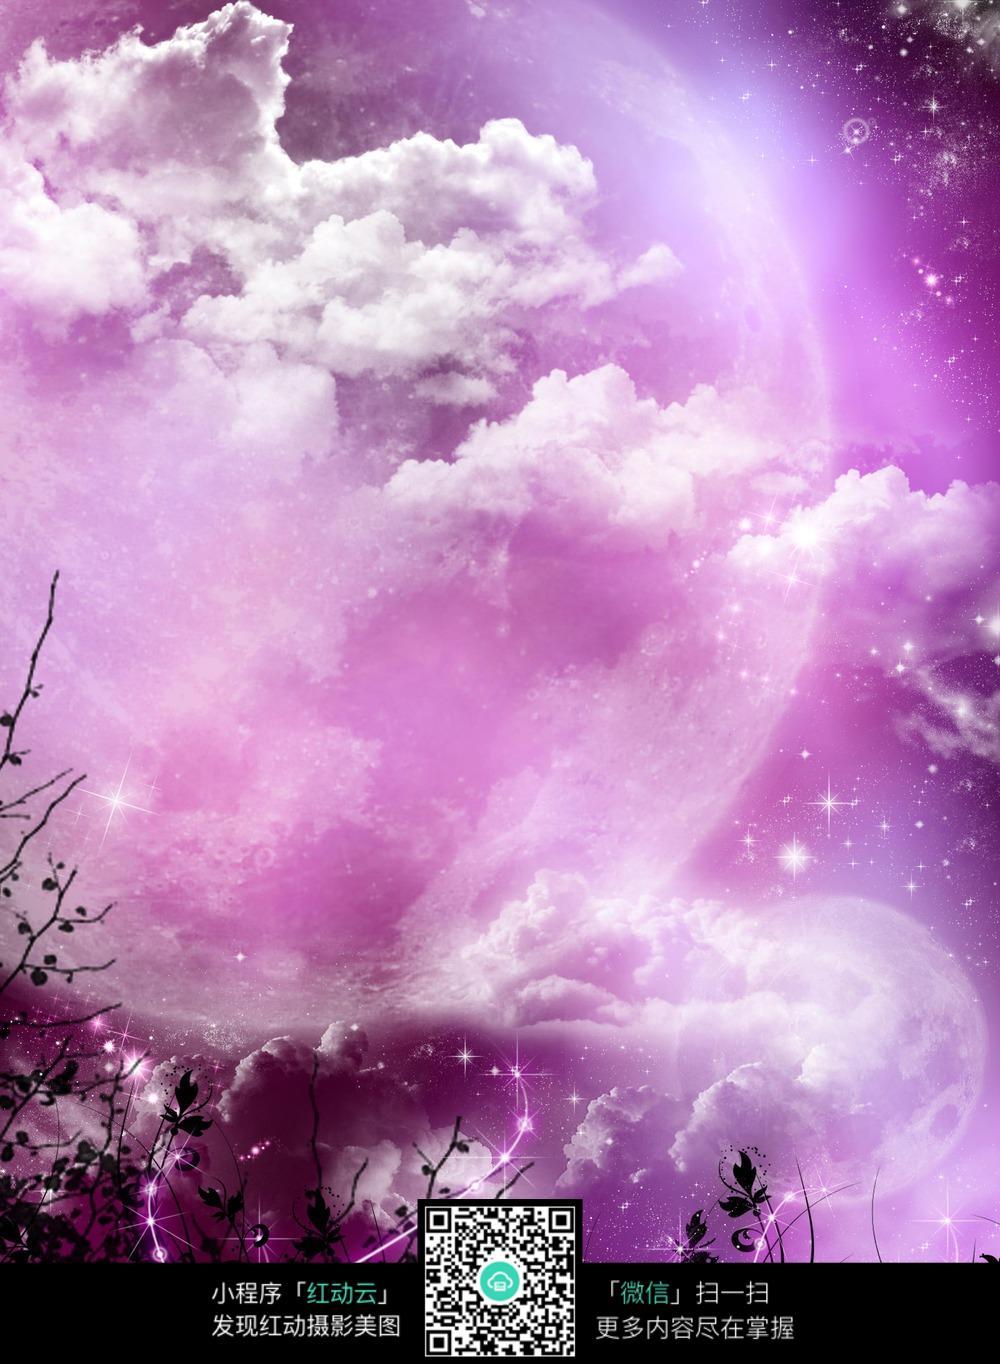 紫色唯美月色背景